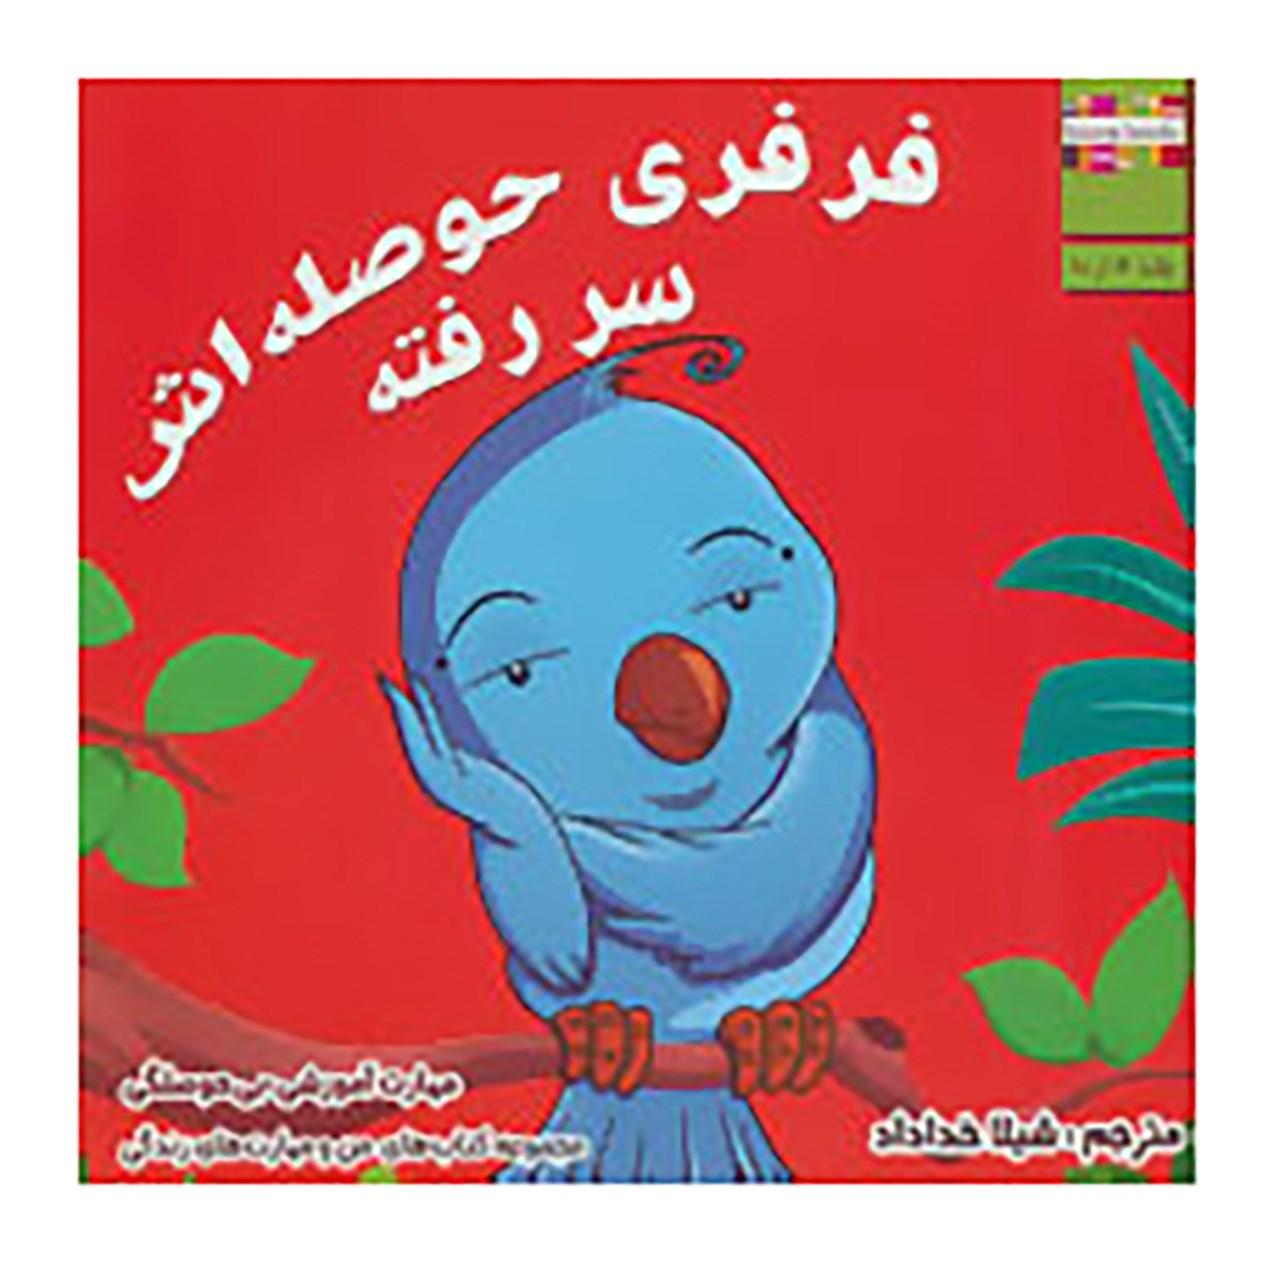 کتاب من و مهارت های زندگی 4 اثر ام.شامبهاوی